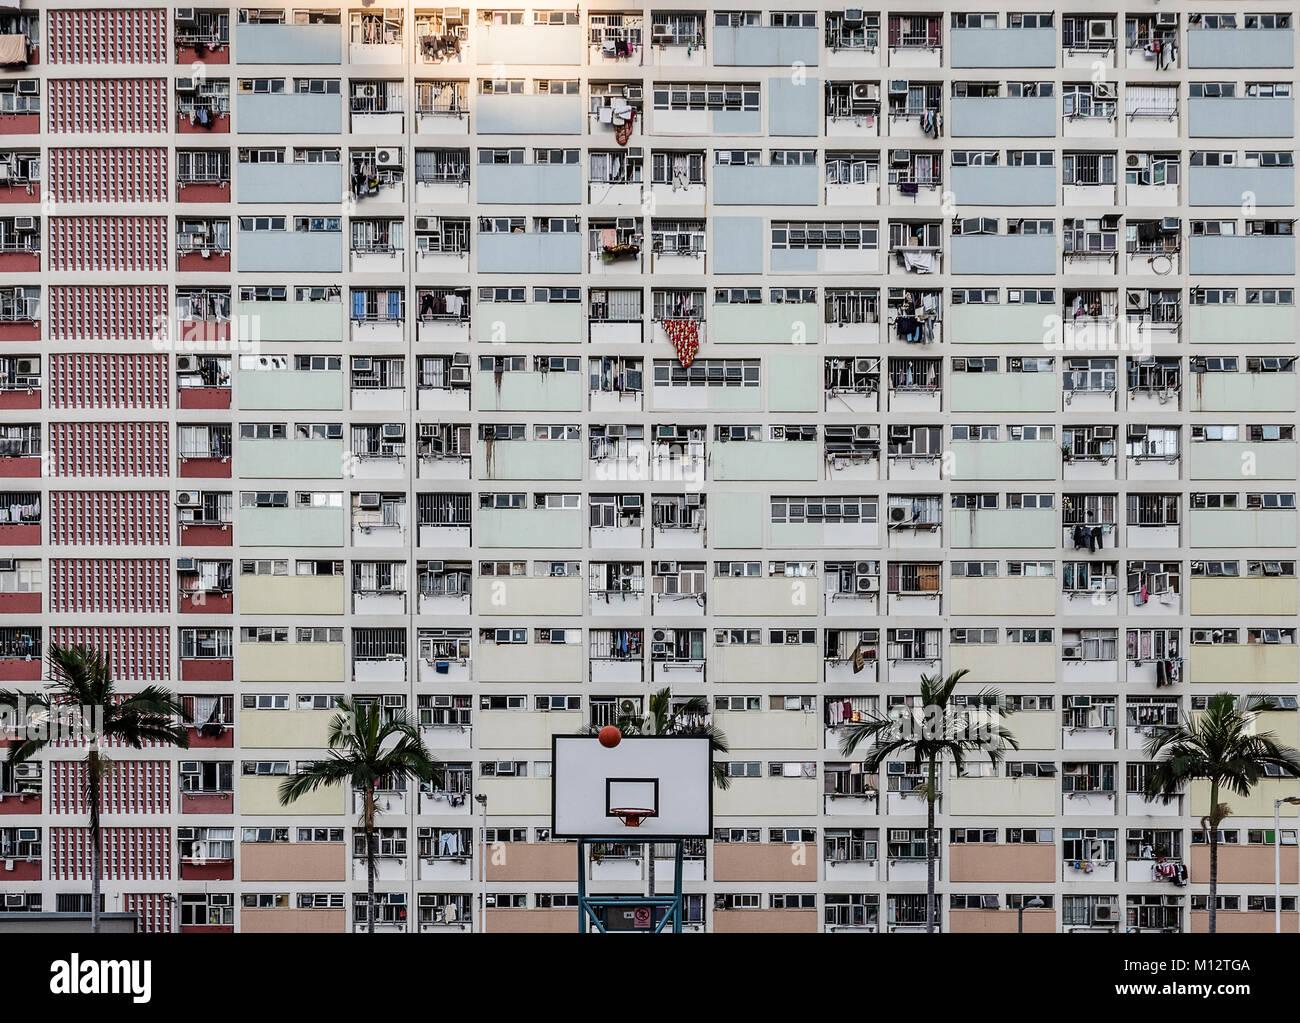 Vegetation Hong Kong China Stockfotos & Vegetation Hong Kong China ...